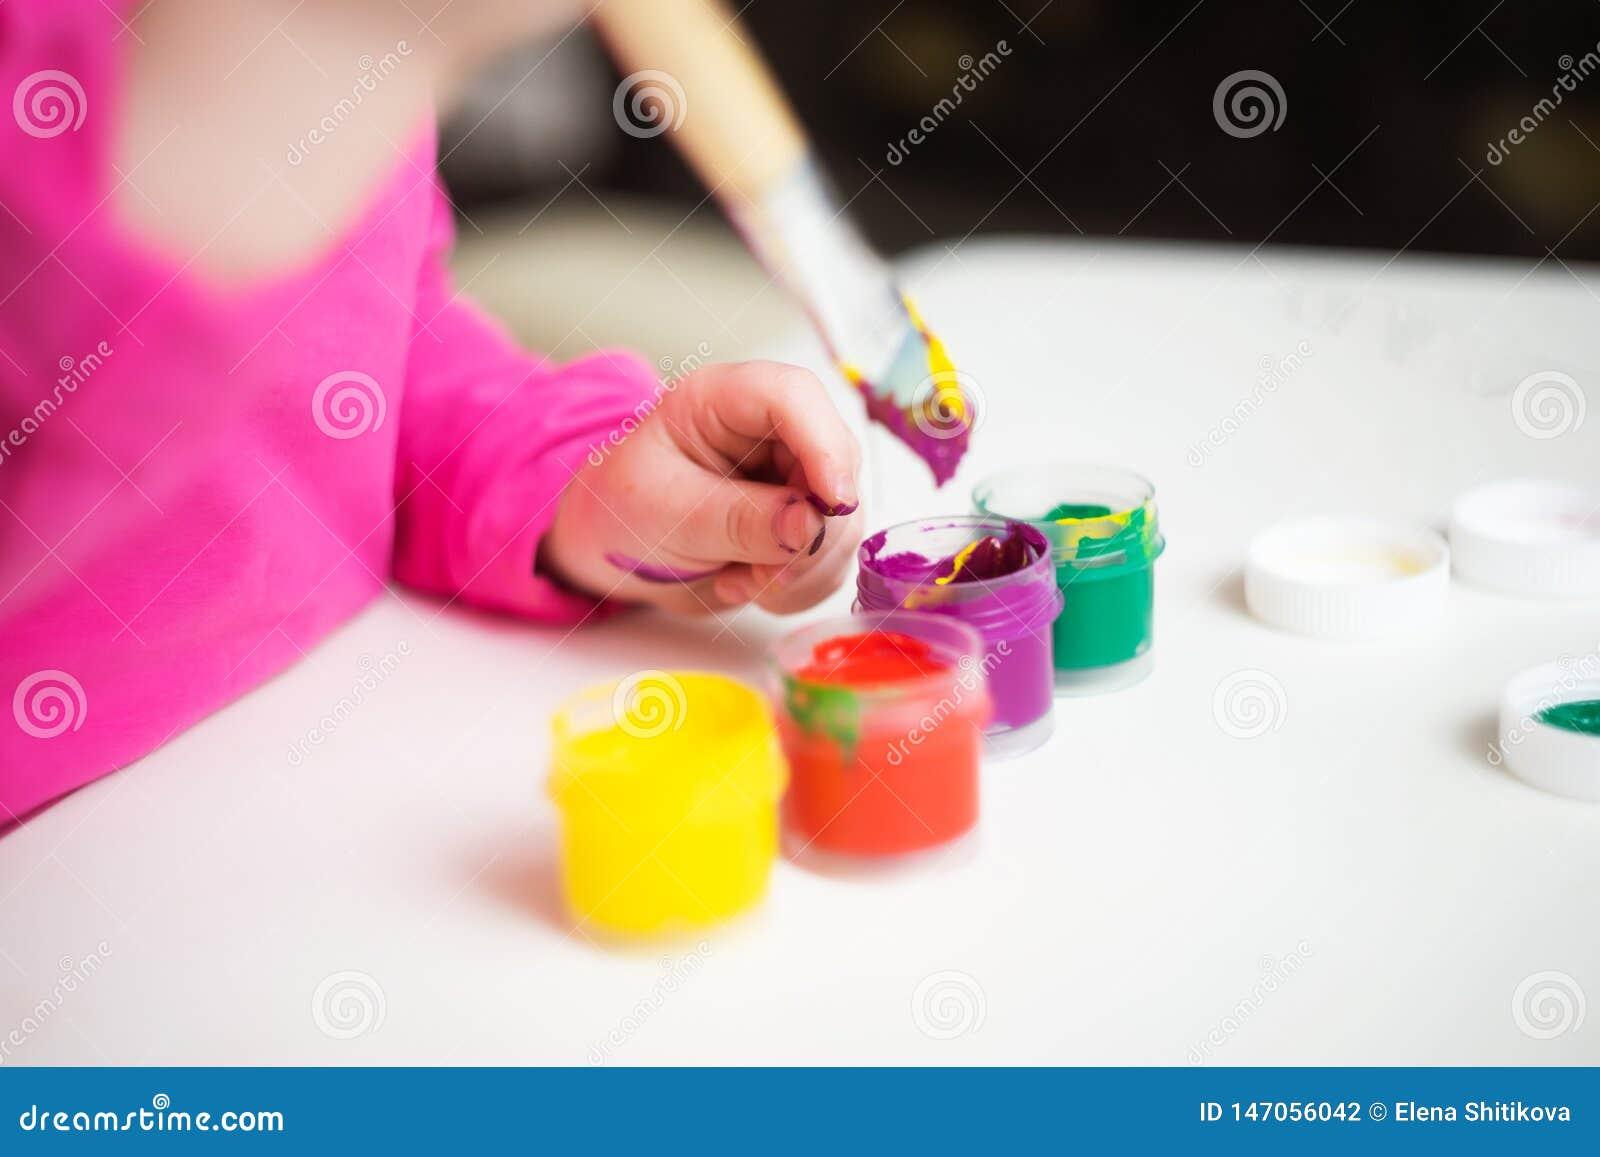 A mão da criança guarda a escova de pintura